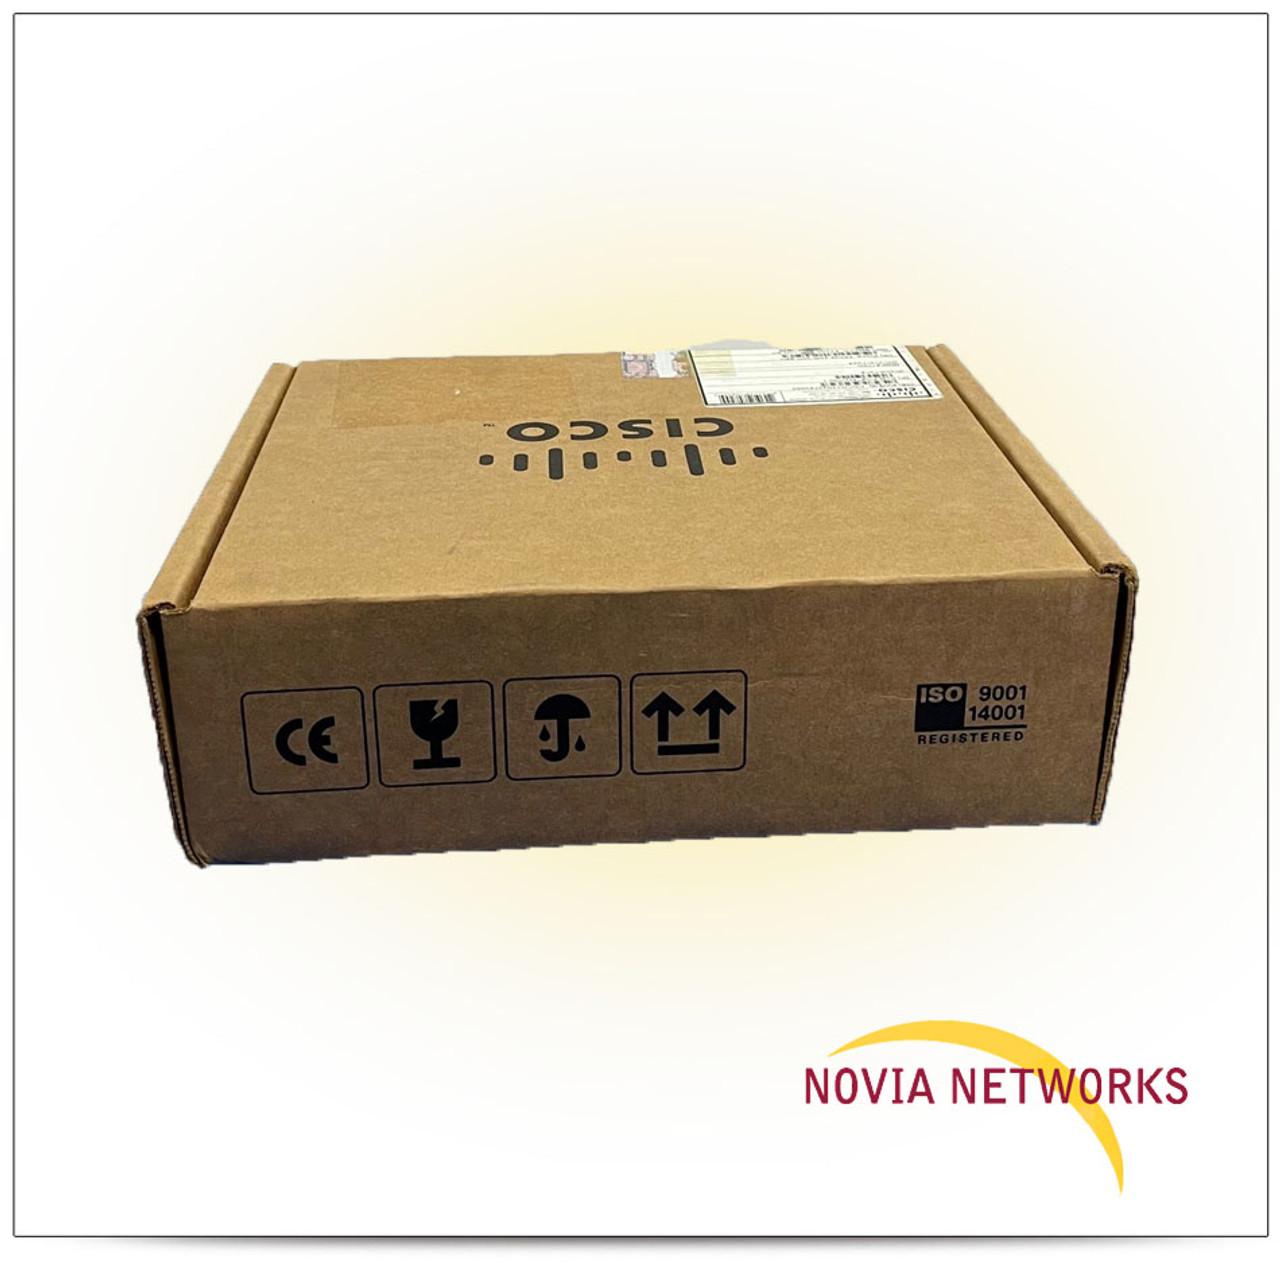 FPNM-2SR-10G-BP, Box back